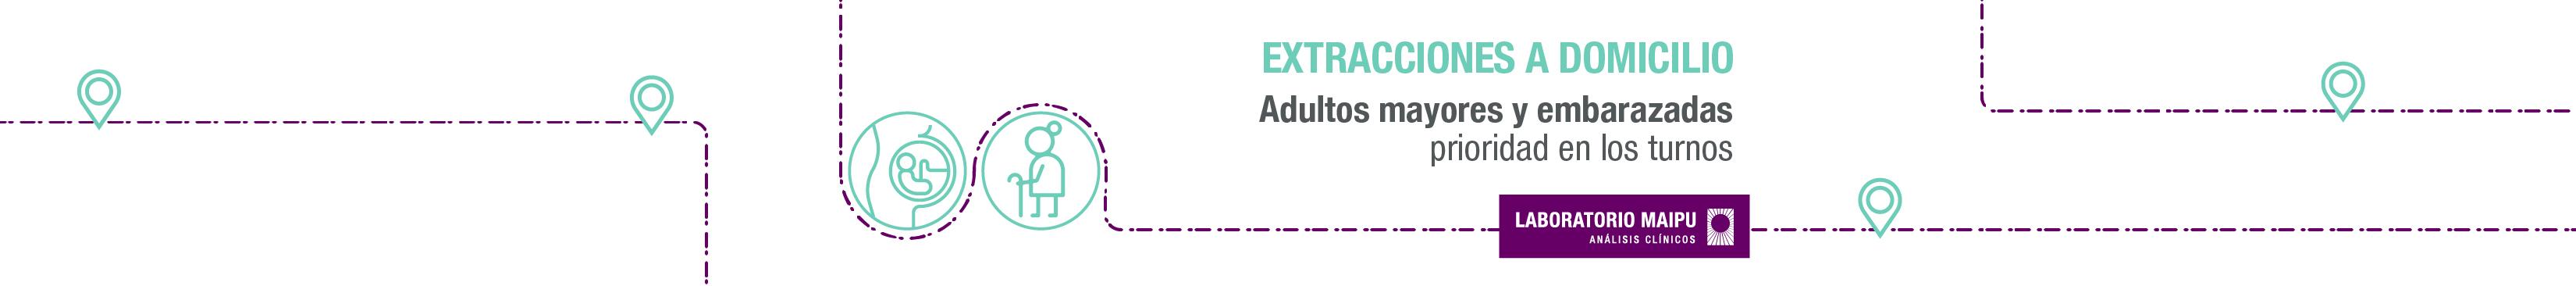 BannerWeb_Extraccion-a-domicilio_Rediseno-Prioridad